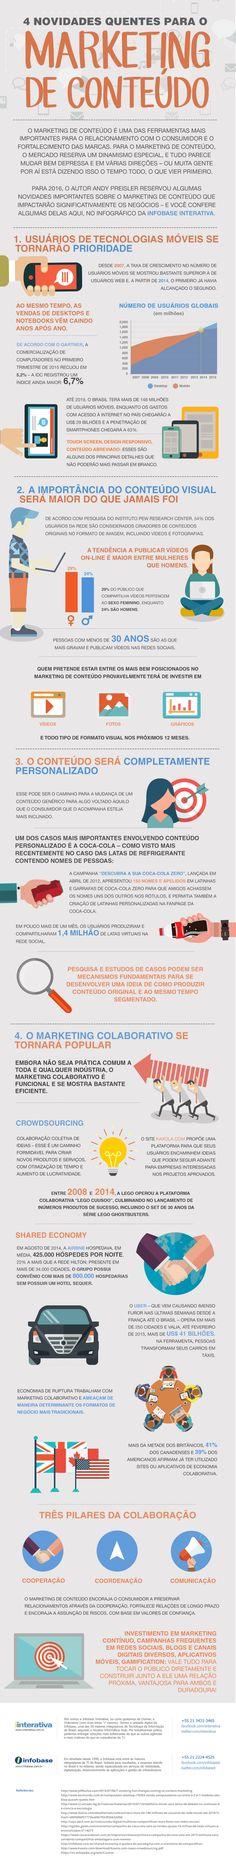 A IInterativa, reservou um infográfico especial, que dá destaque as 4 principais novidades do marketing digital, as chamadas novidades quentes. Confira.